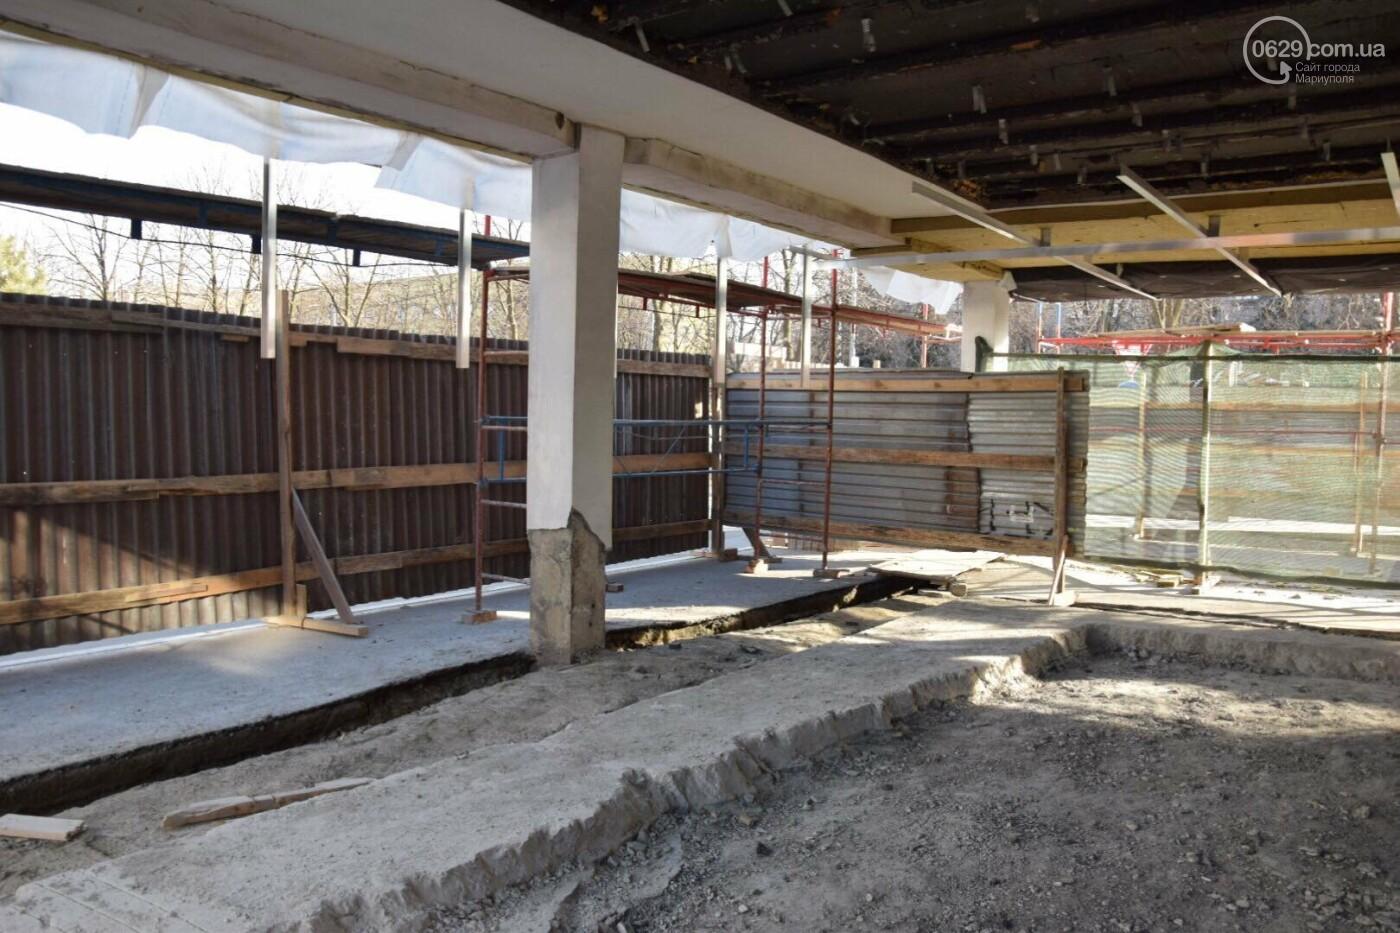 Как проходит ремонт главной библиотеки Мариуполя, - ФОТОРЕПОРТАЖ, фото-8